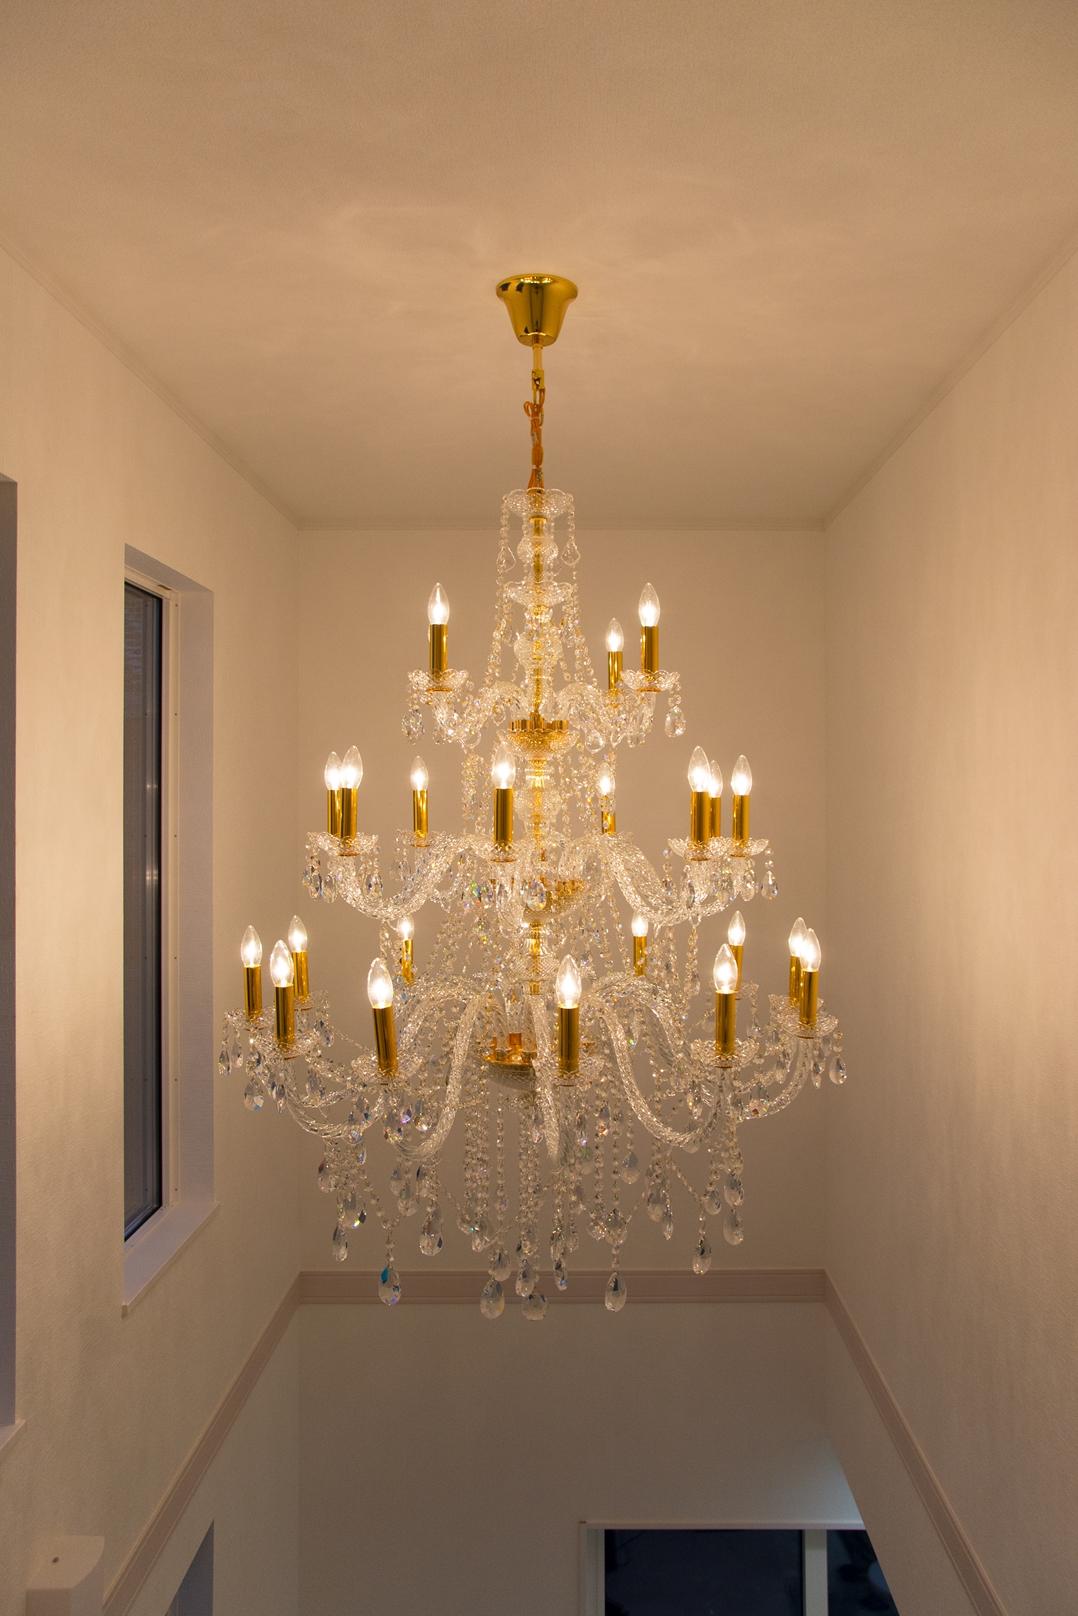 エレガントな輝きを放つゴージャスなシャンデリア。キラキラとした美しい輝きが吹き抜け空間にピッタリ!